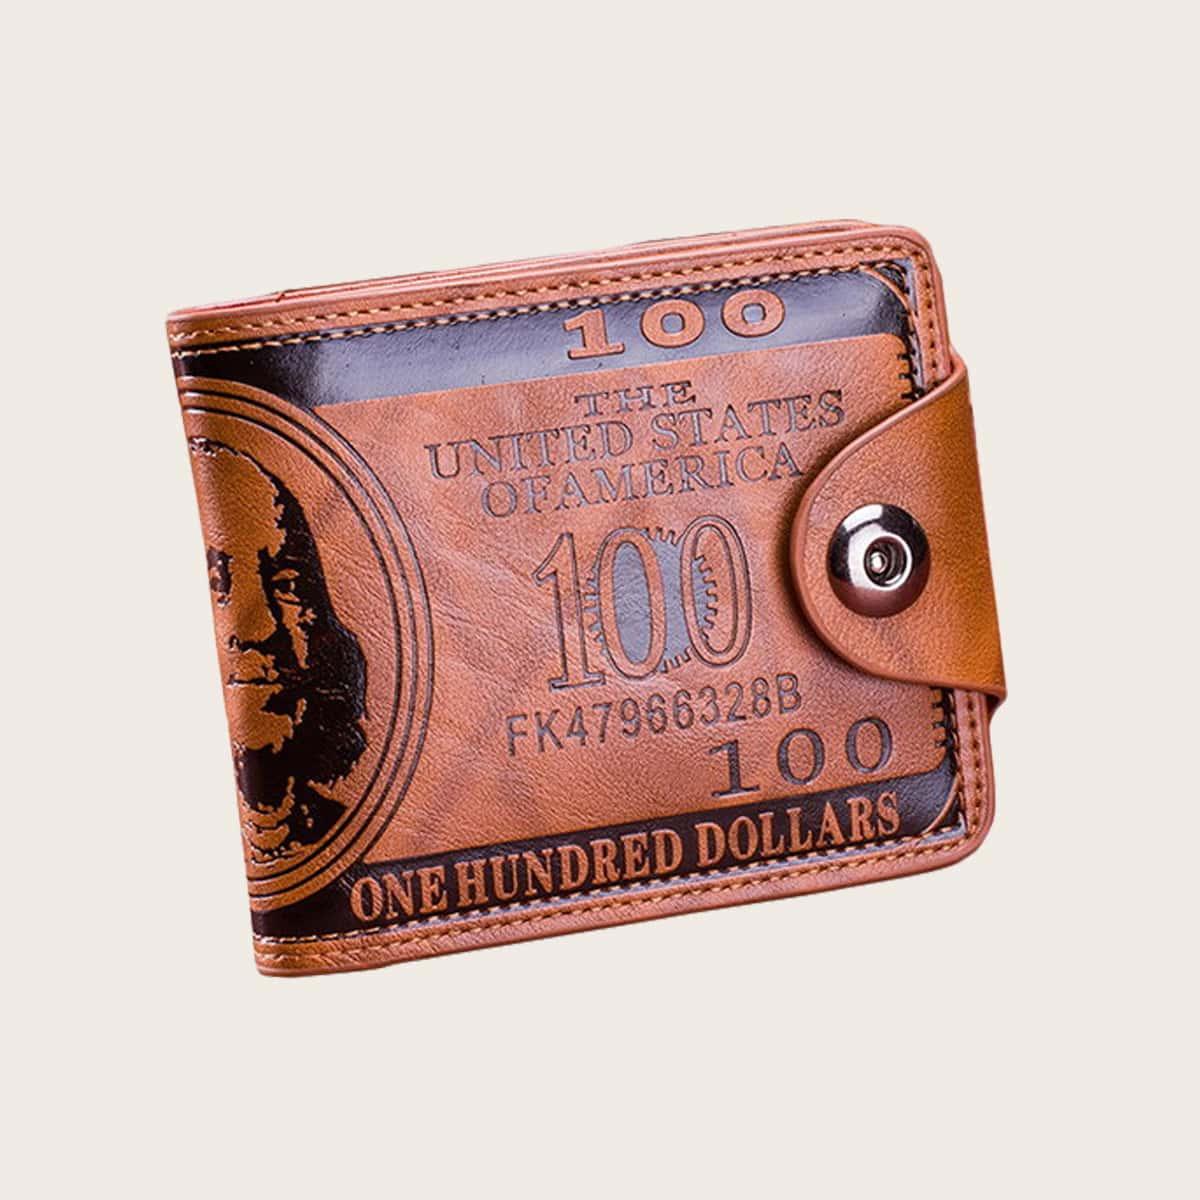 Мужской кошелек с текстовым принтом